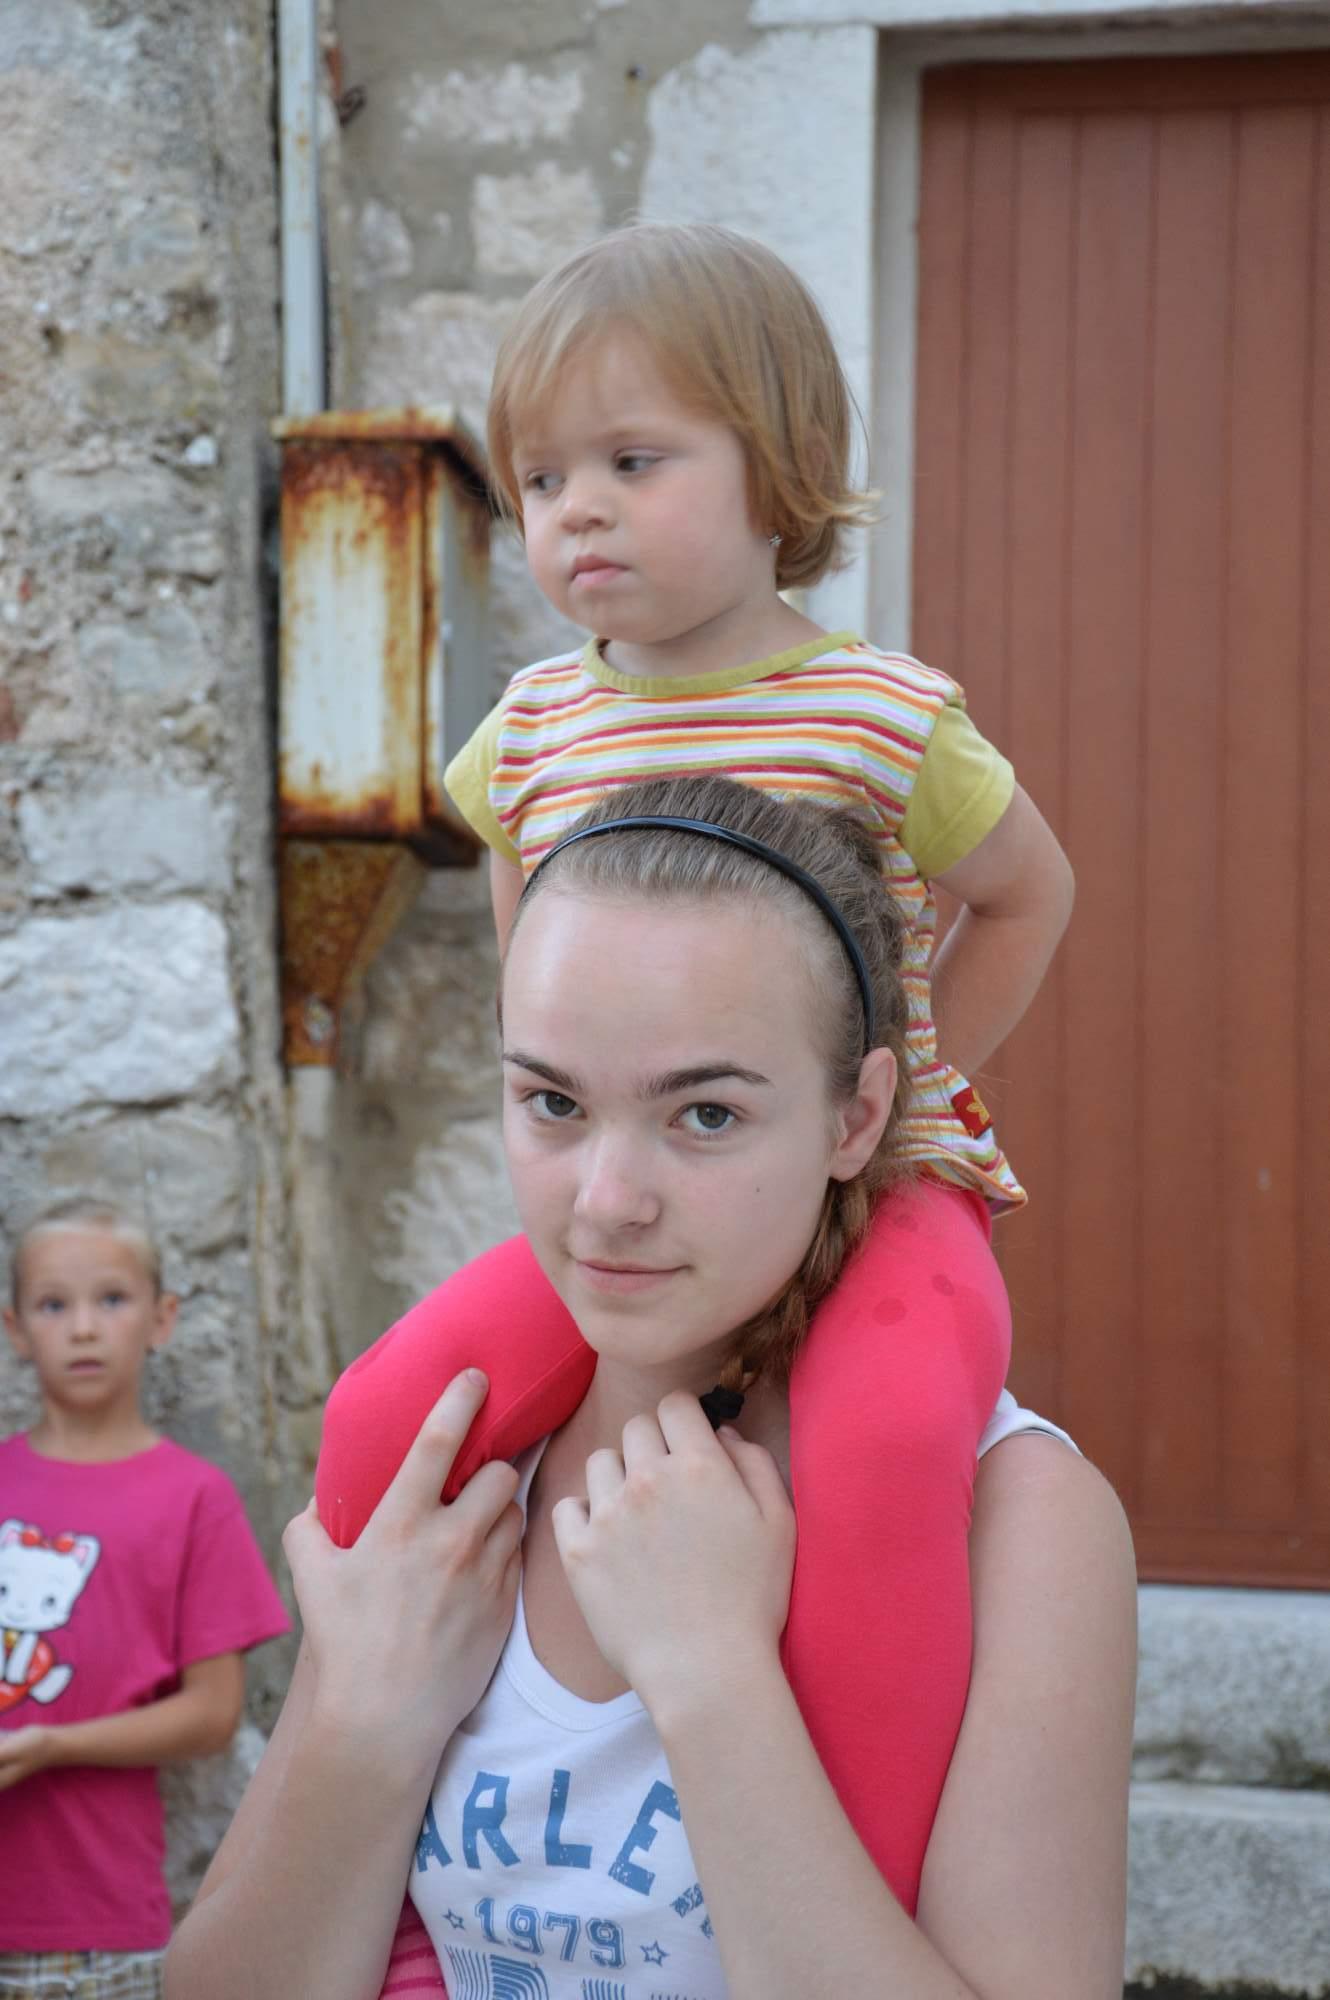 http://img19.rajce.idnes.cz/d1902/11/11369/11369498_ba1b1cc51aa2b100ecd01c05fe1b9075/images/DSC_0072.jpg